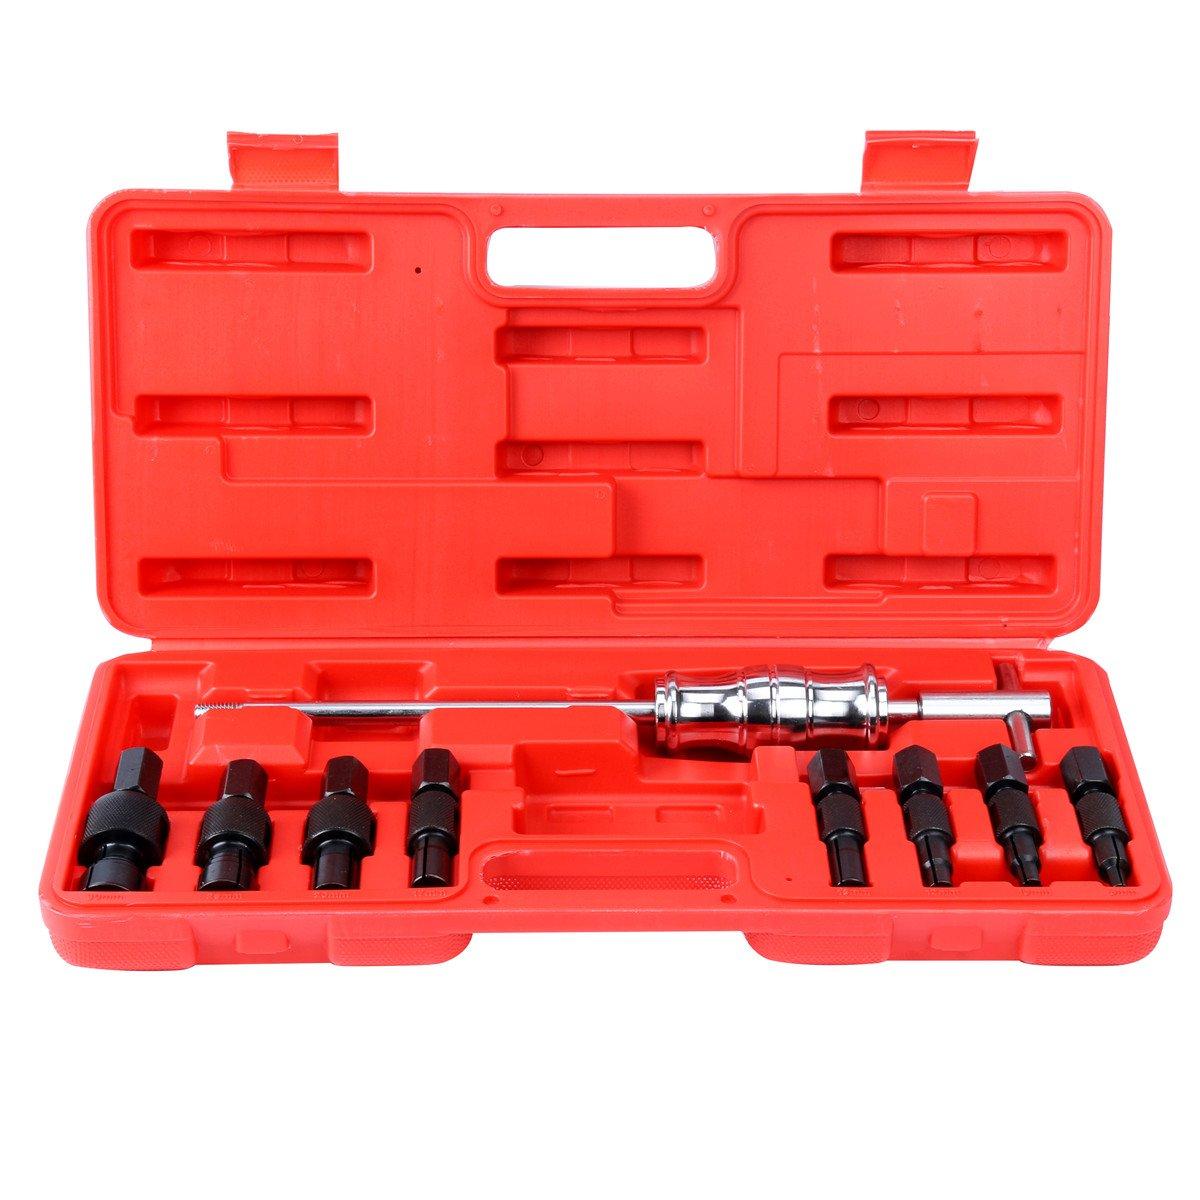 Blind Bearing Puller Kit : Pc blind hole slide hammer pilot bearing puller internal